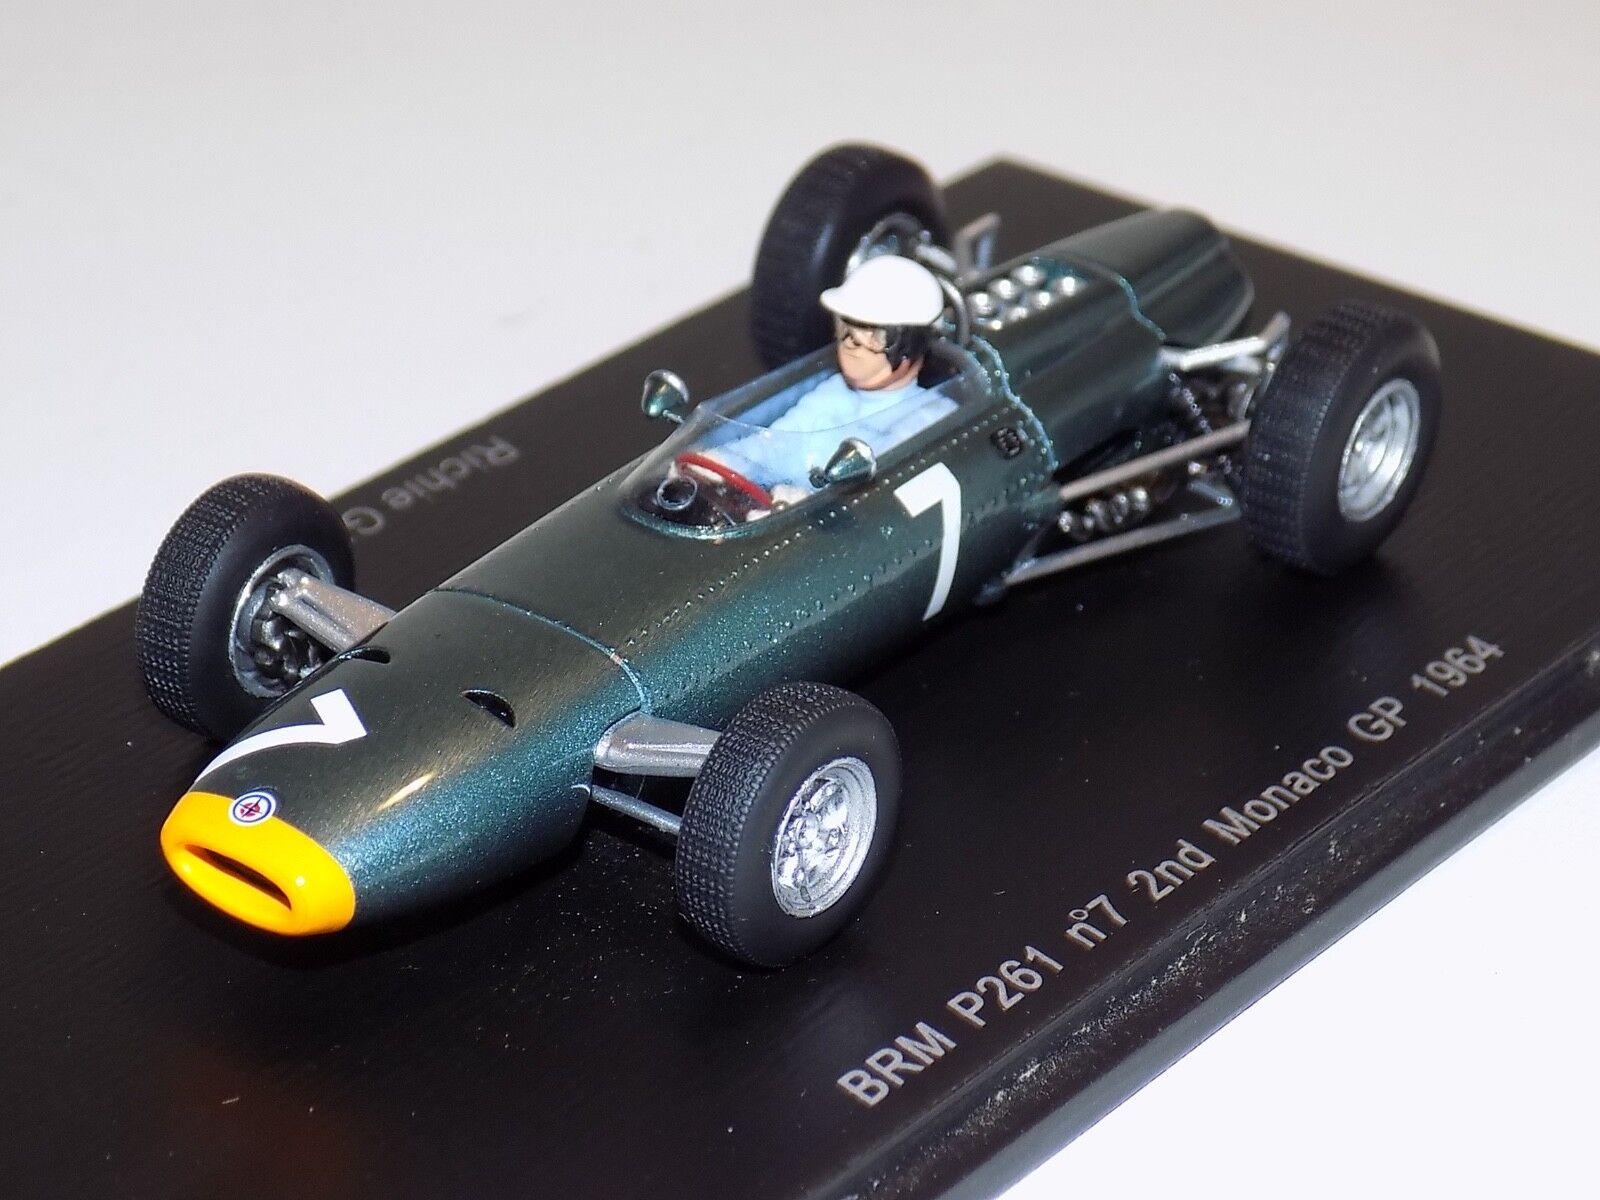 1 43 Spark F1 Formula  1 BRM P261 voiture  7 2nd in 1964 Monaco GP R.Gunter S1157  nouveaux produits nouveautés